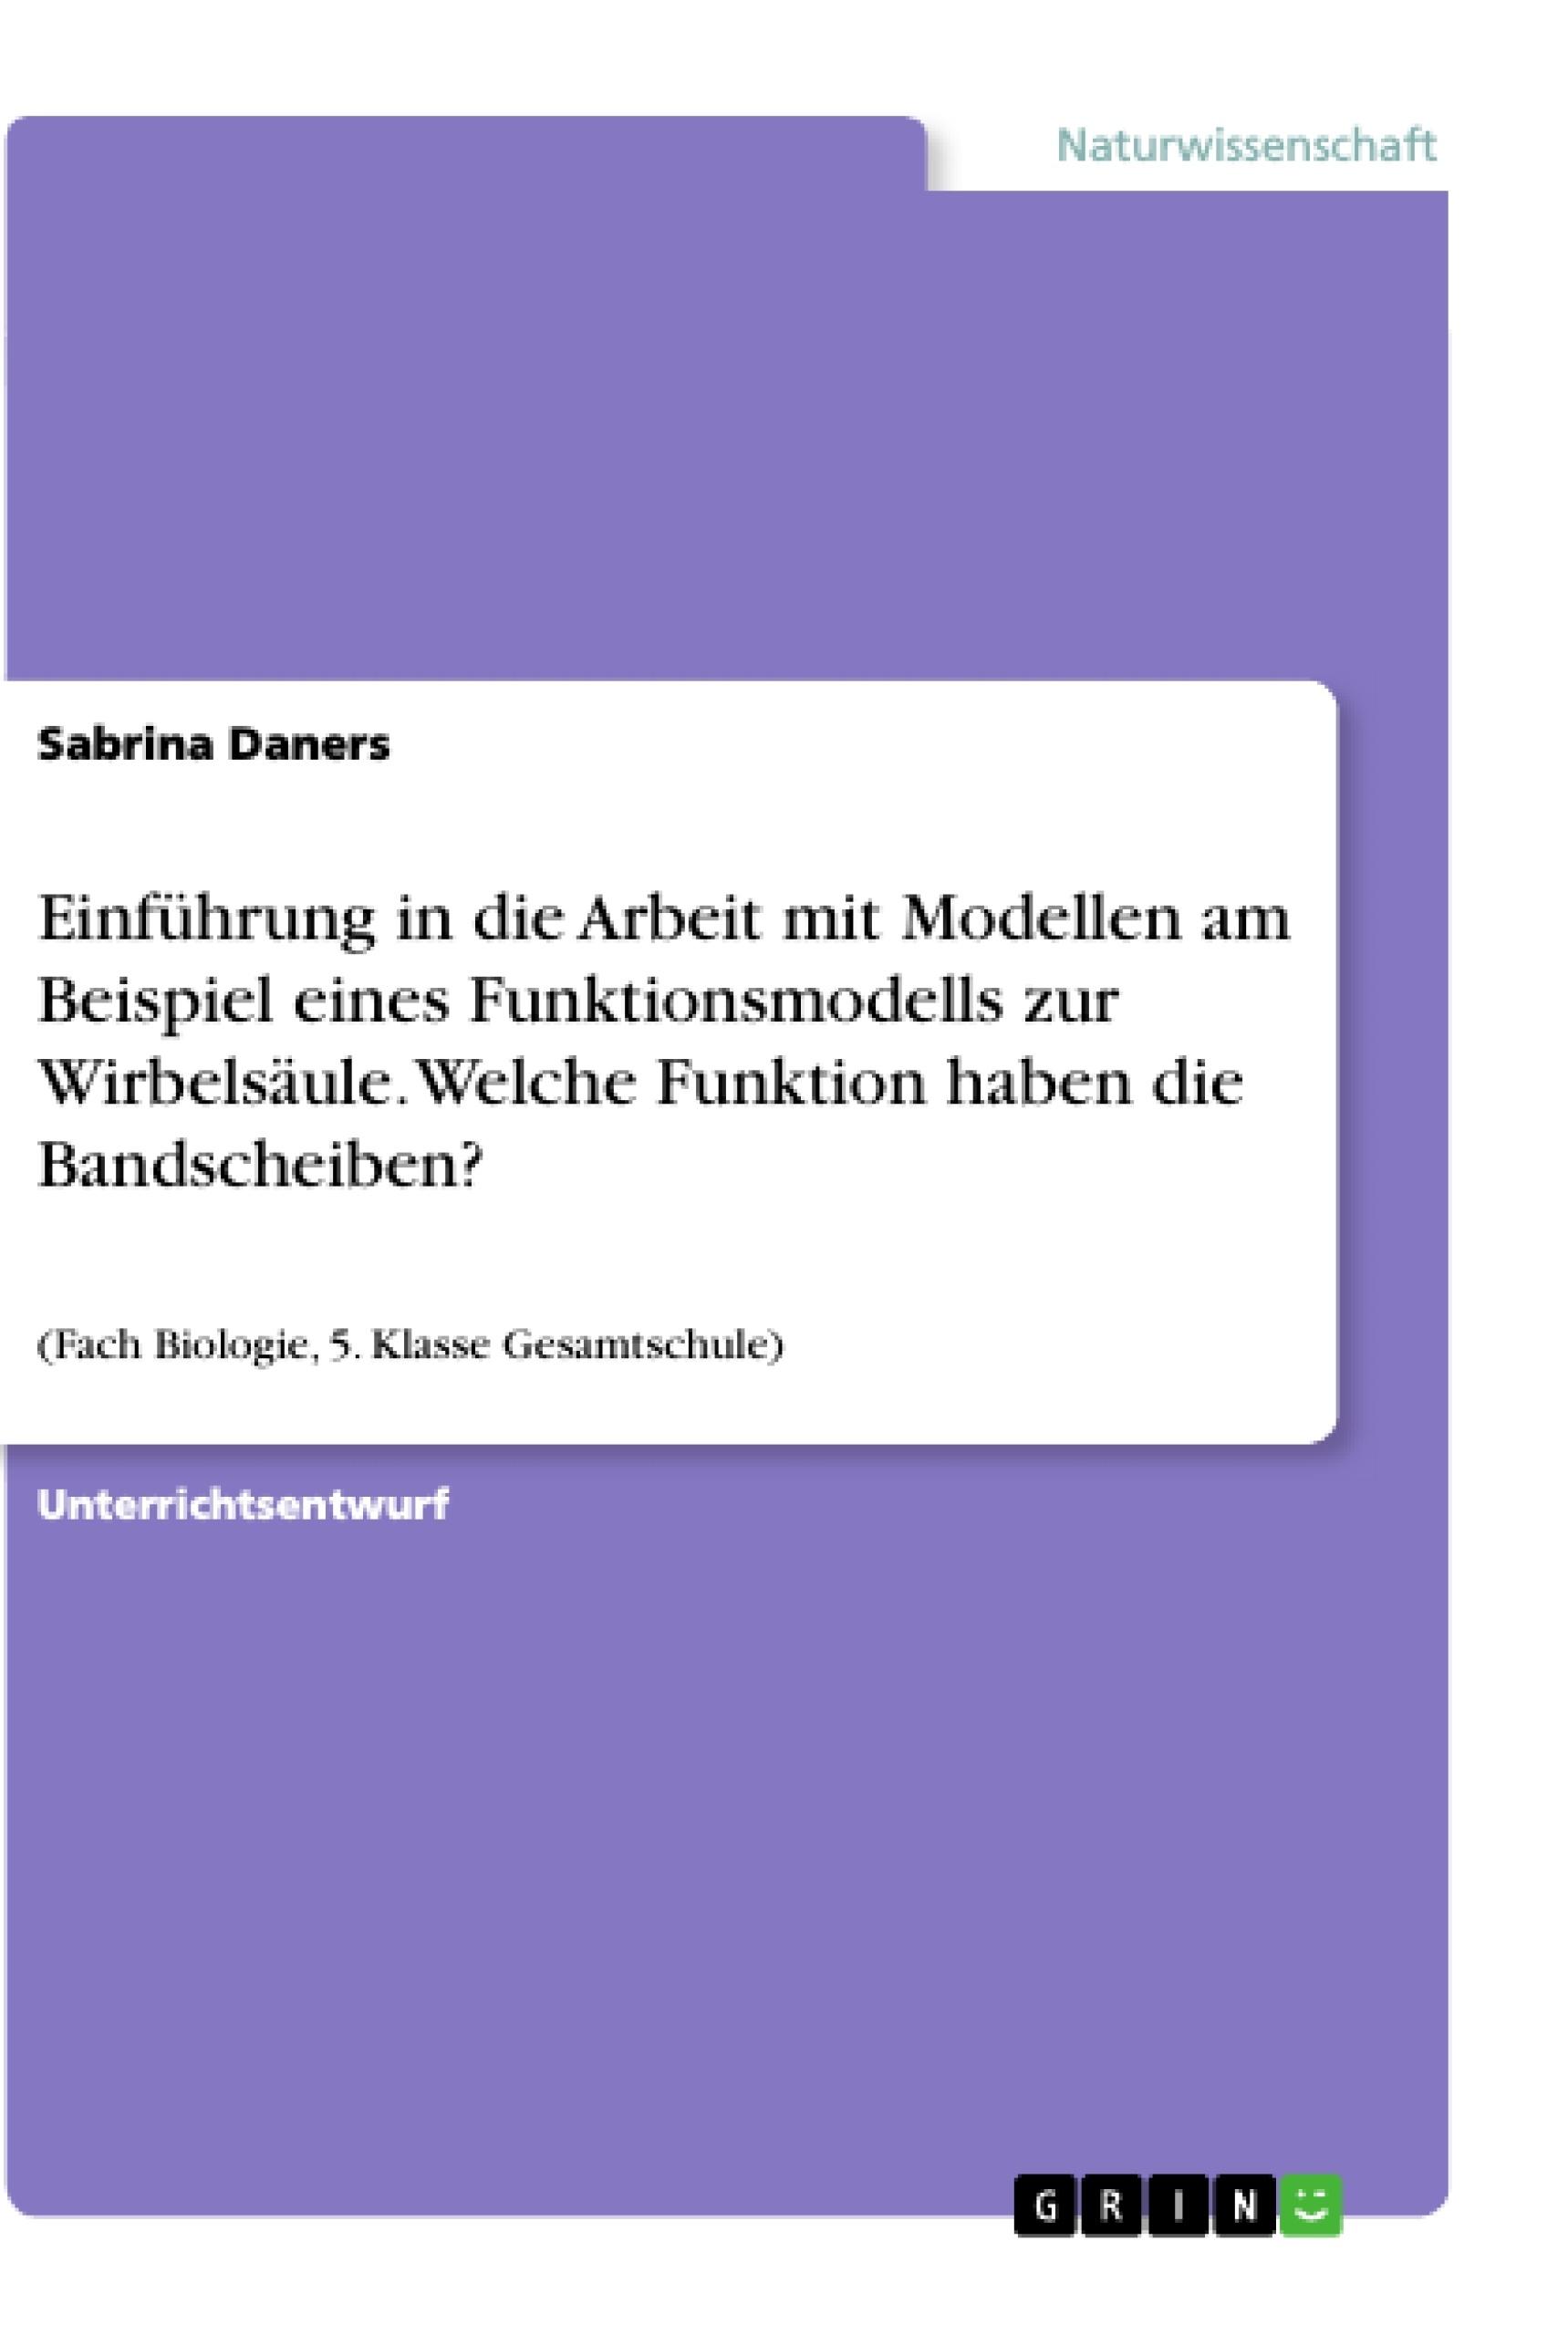 Titel: Einführung in die Arbeit mit Modellen am Beispiel eines Funktionsmodells zur Wirbelsäule. Welche Funktion haben die Bandscheiben?